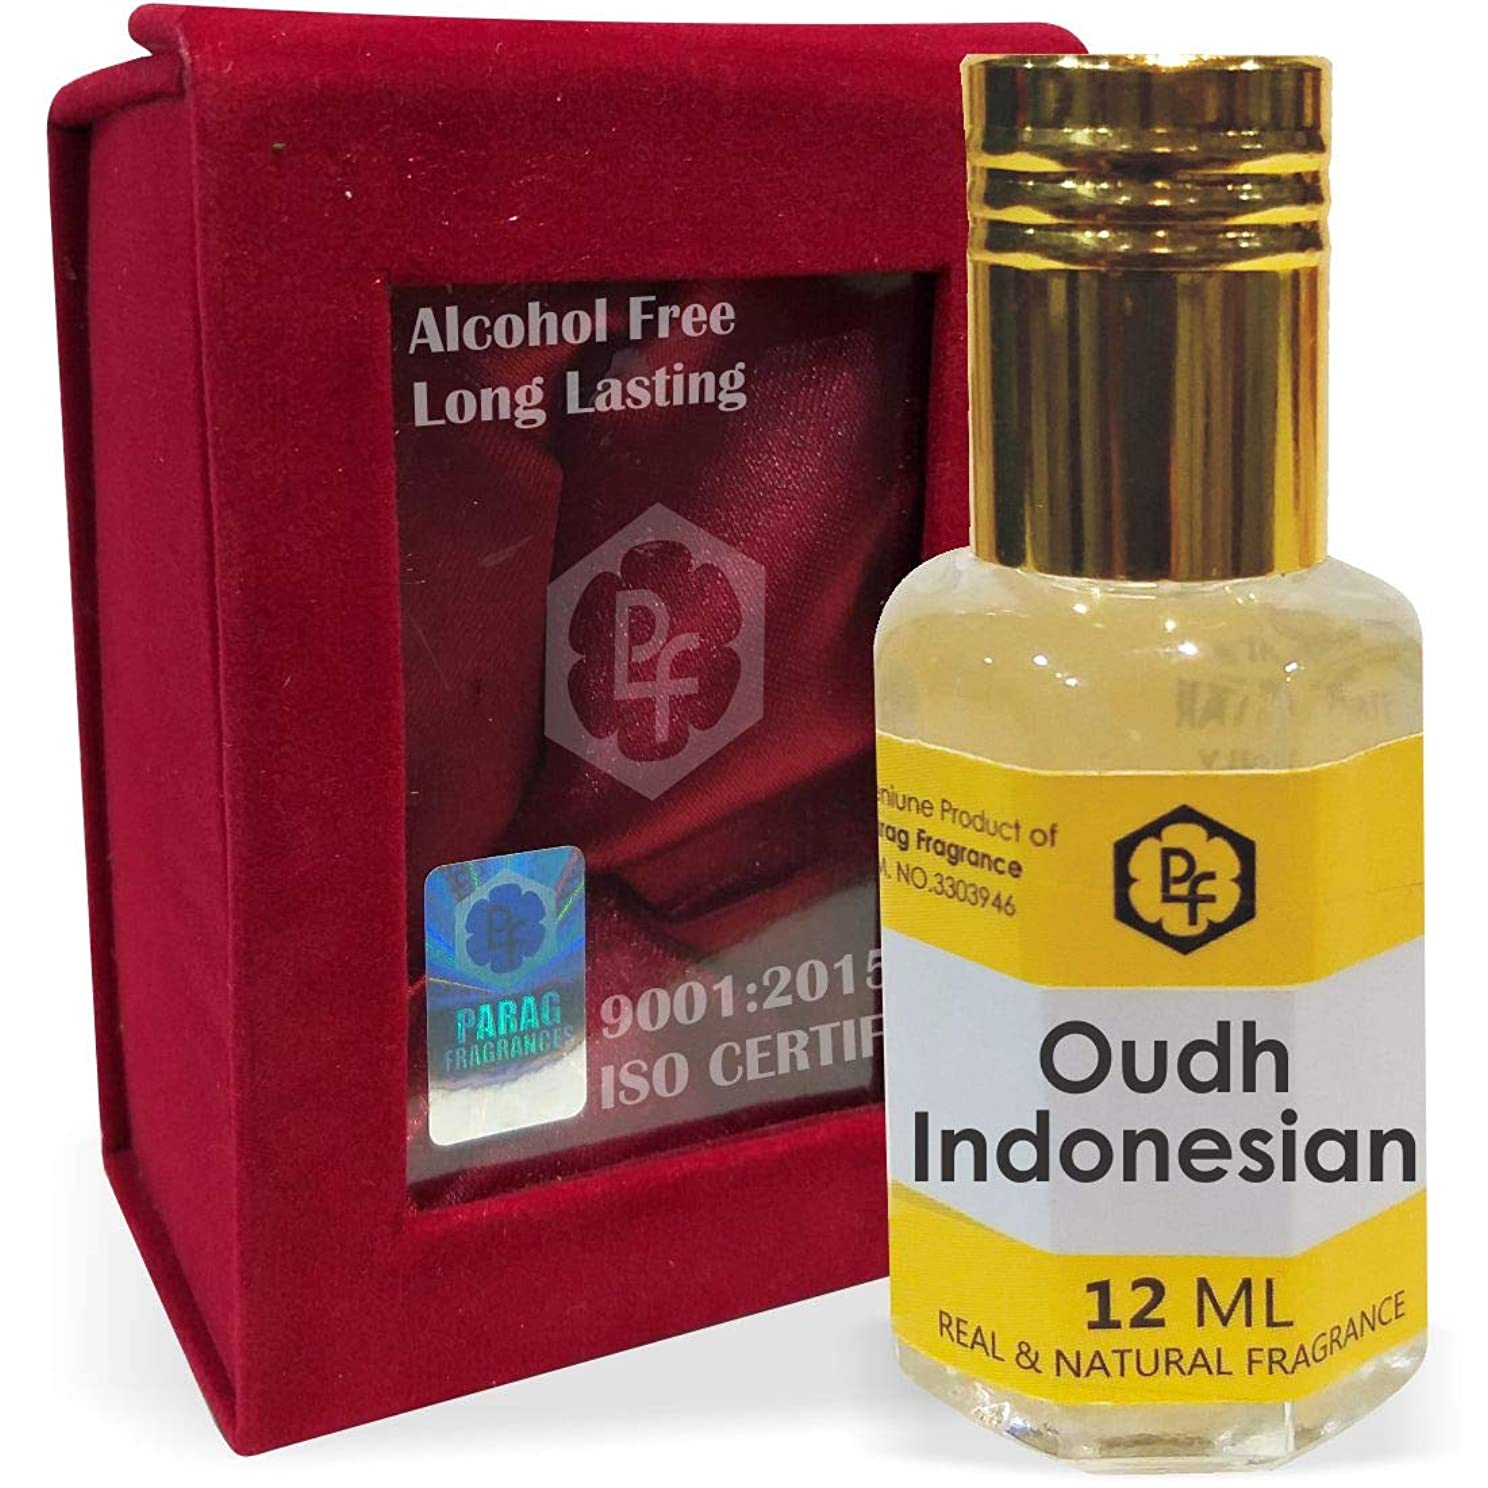 大騒ぎ原点捧げるParagフレグランスOudh手作りベルベットボックスインドネシア12ミリリットルアター/香水(インドの伝統的なBhapka処理方法により、インド製)オイル/フレグランスオイル|長持ちアターITRA最高の品質